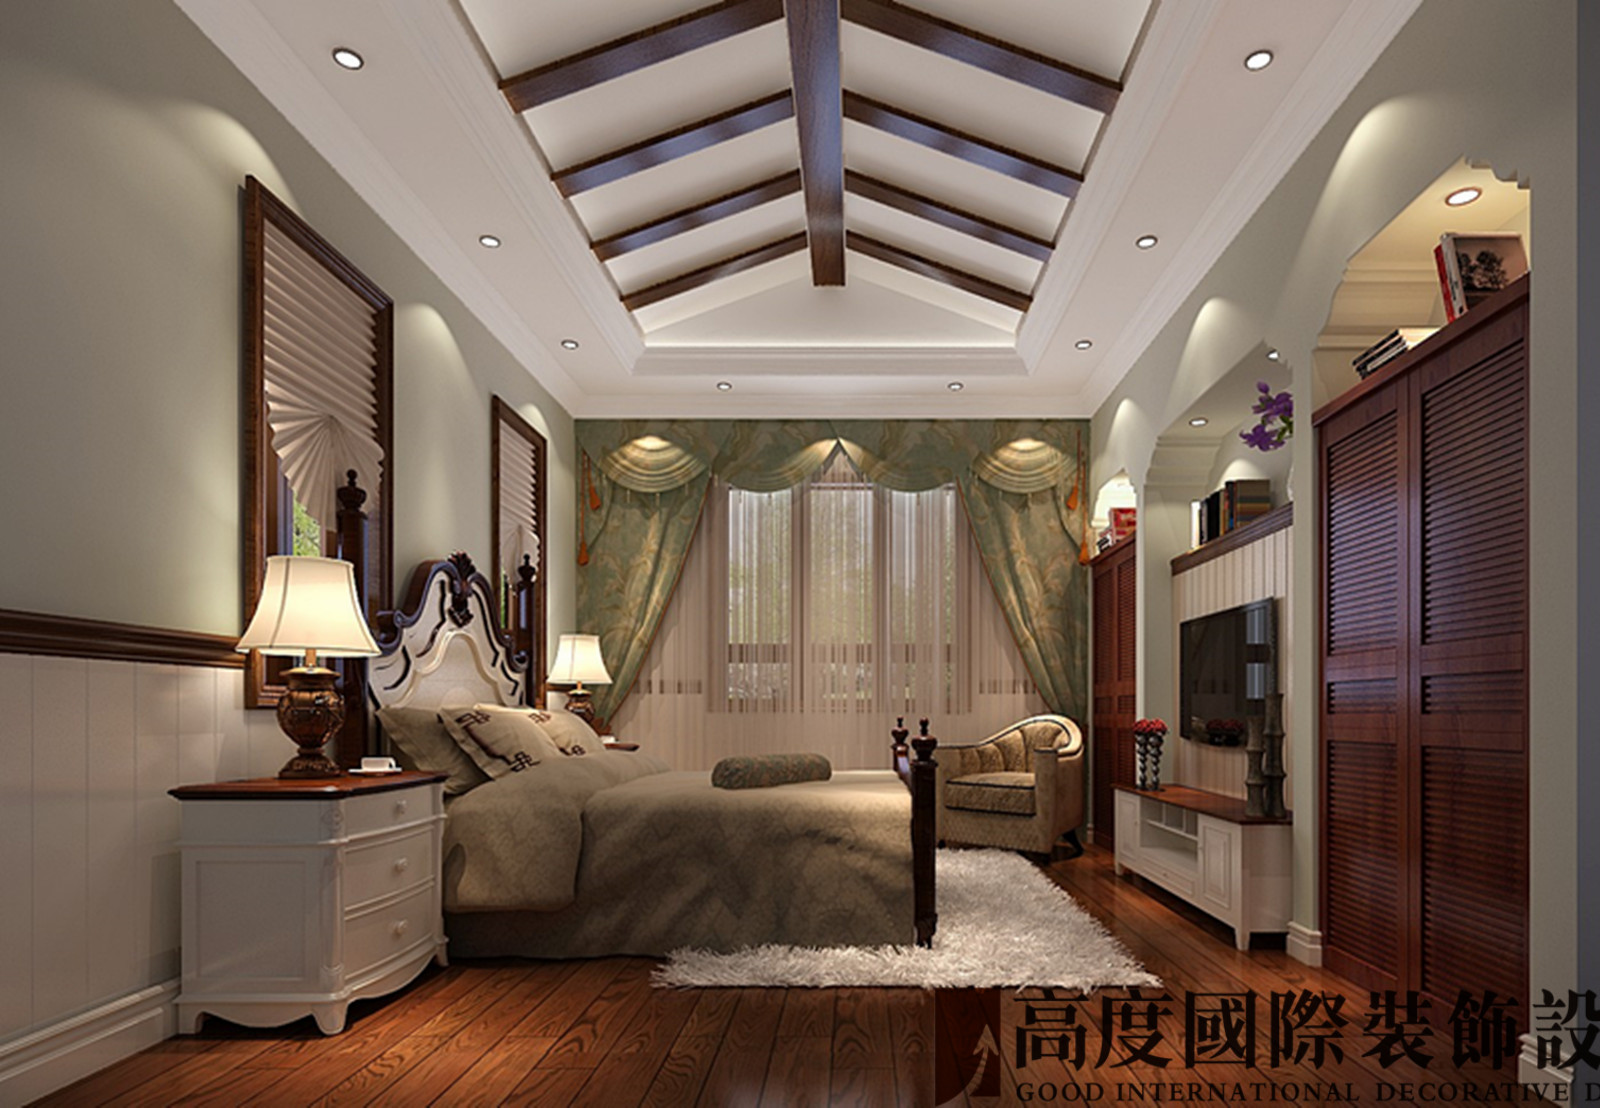 其他图片来自北京高度国际-陈玲在远洋傲北410平米托斯卡纳的分享